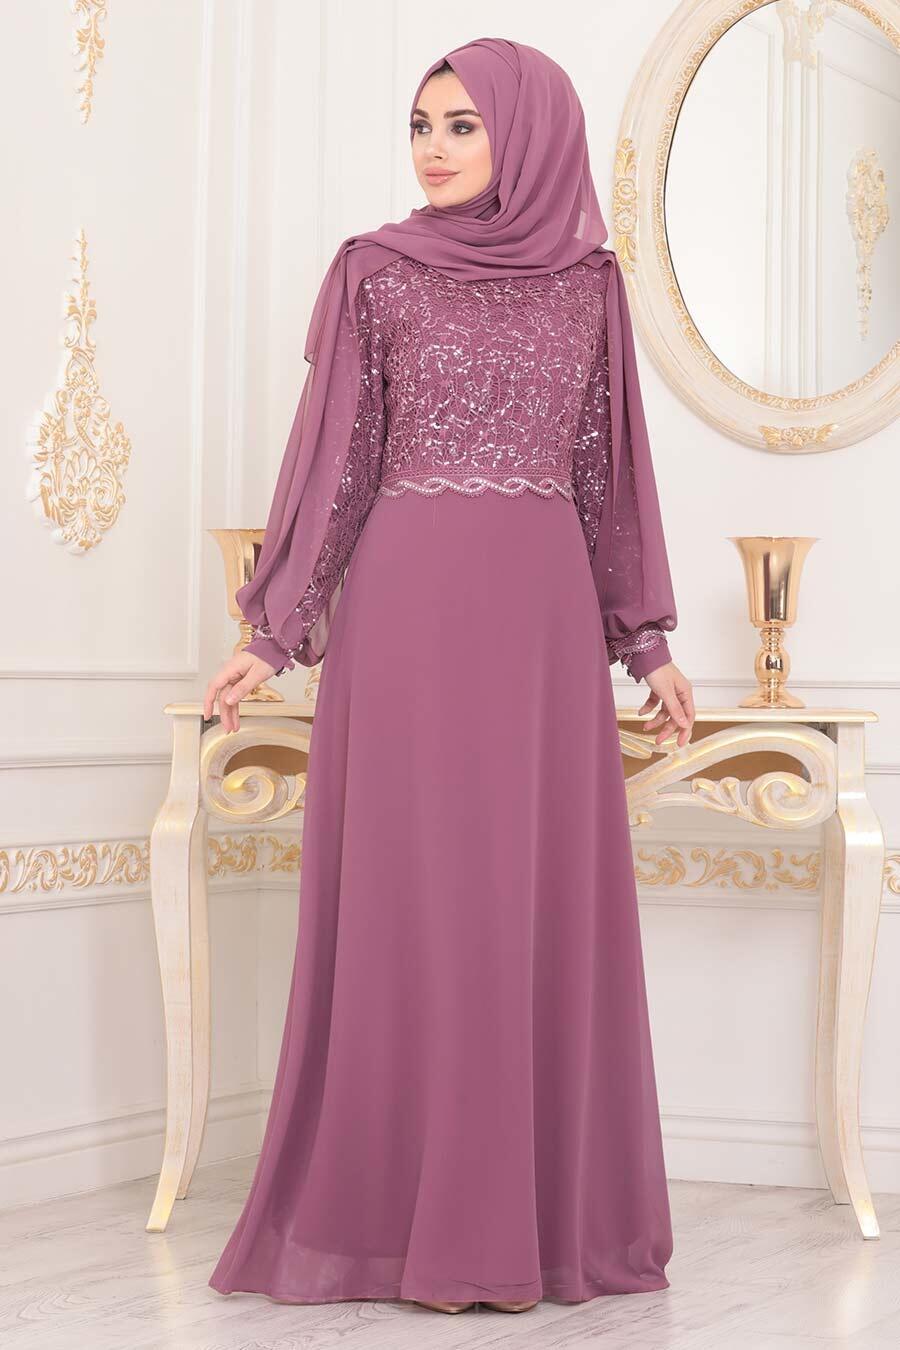 Neva Style - Pul Detaylı Gül Kurusu Tesettür Abiye Elbise 25736GK